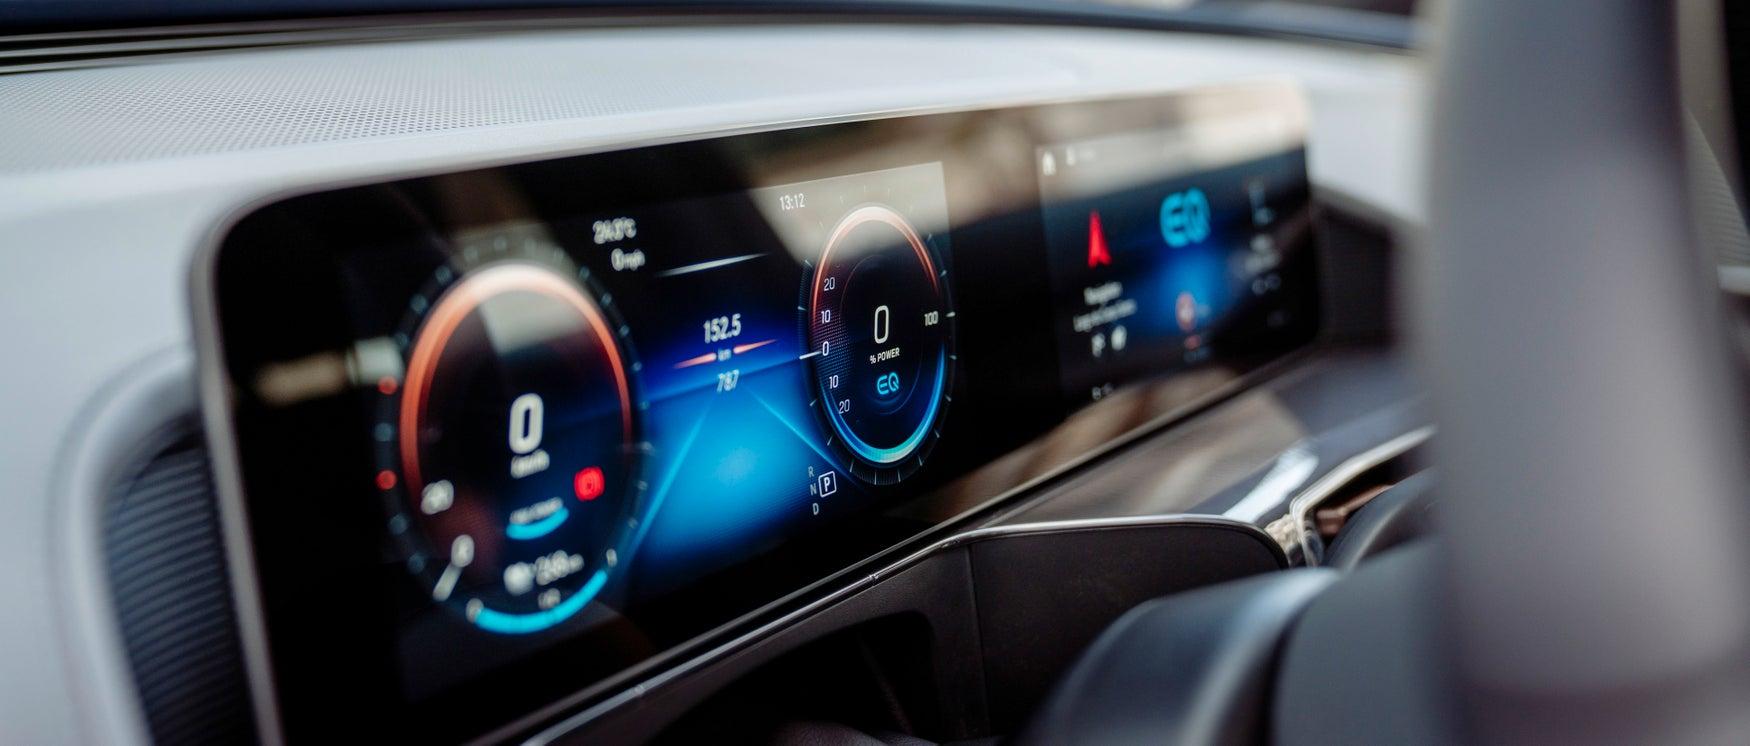 Mercedes EQC screen